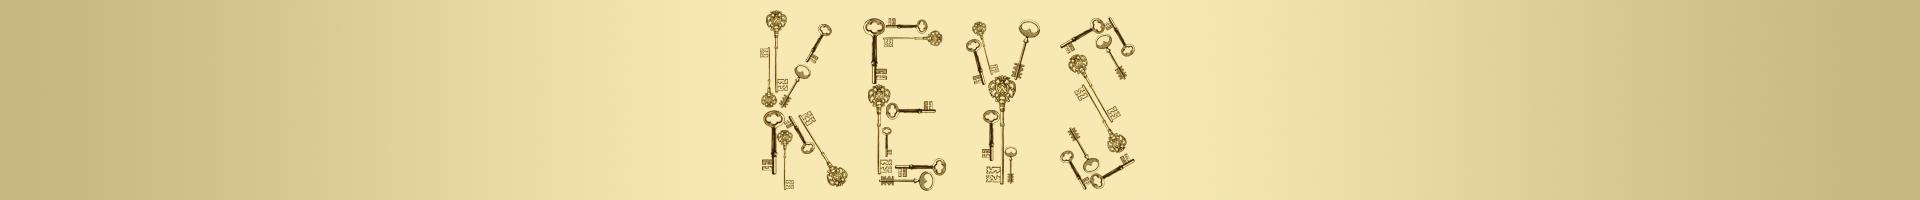 Keys Strip Photo.png